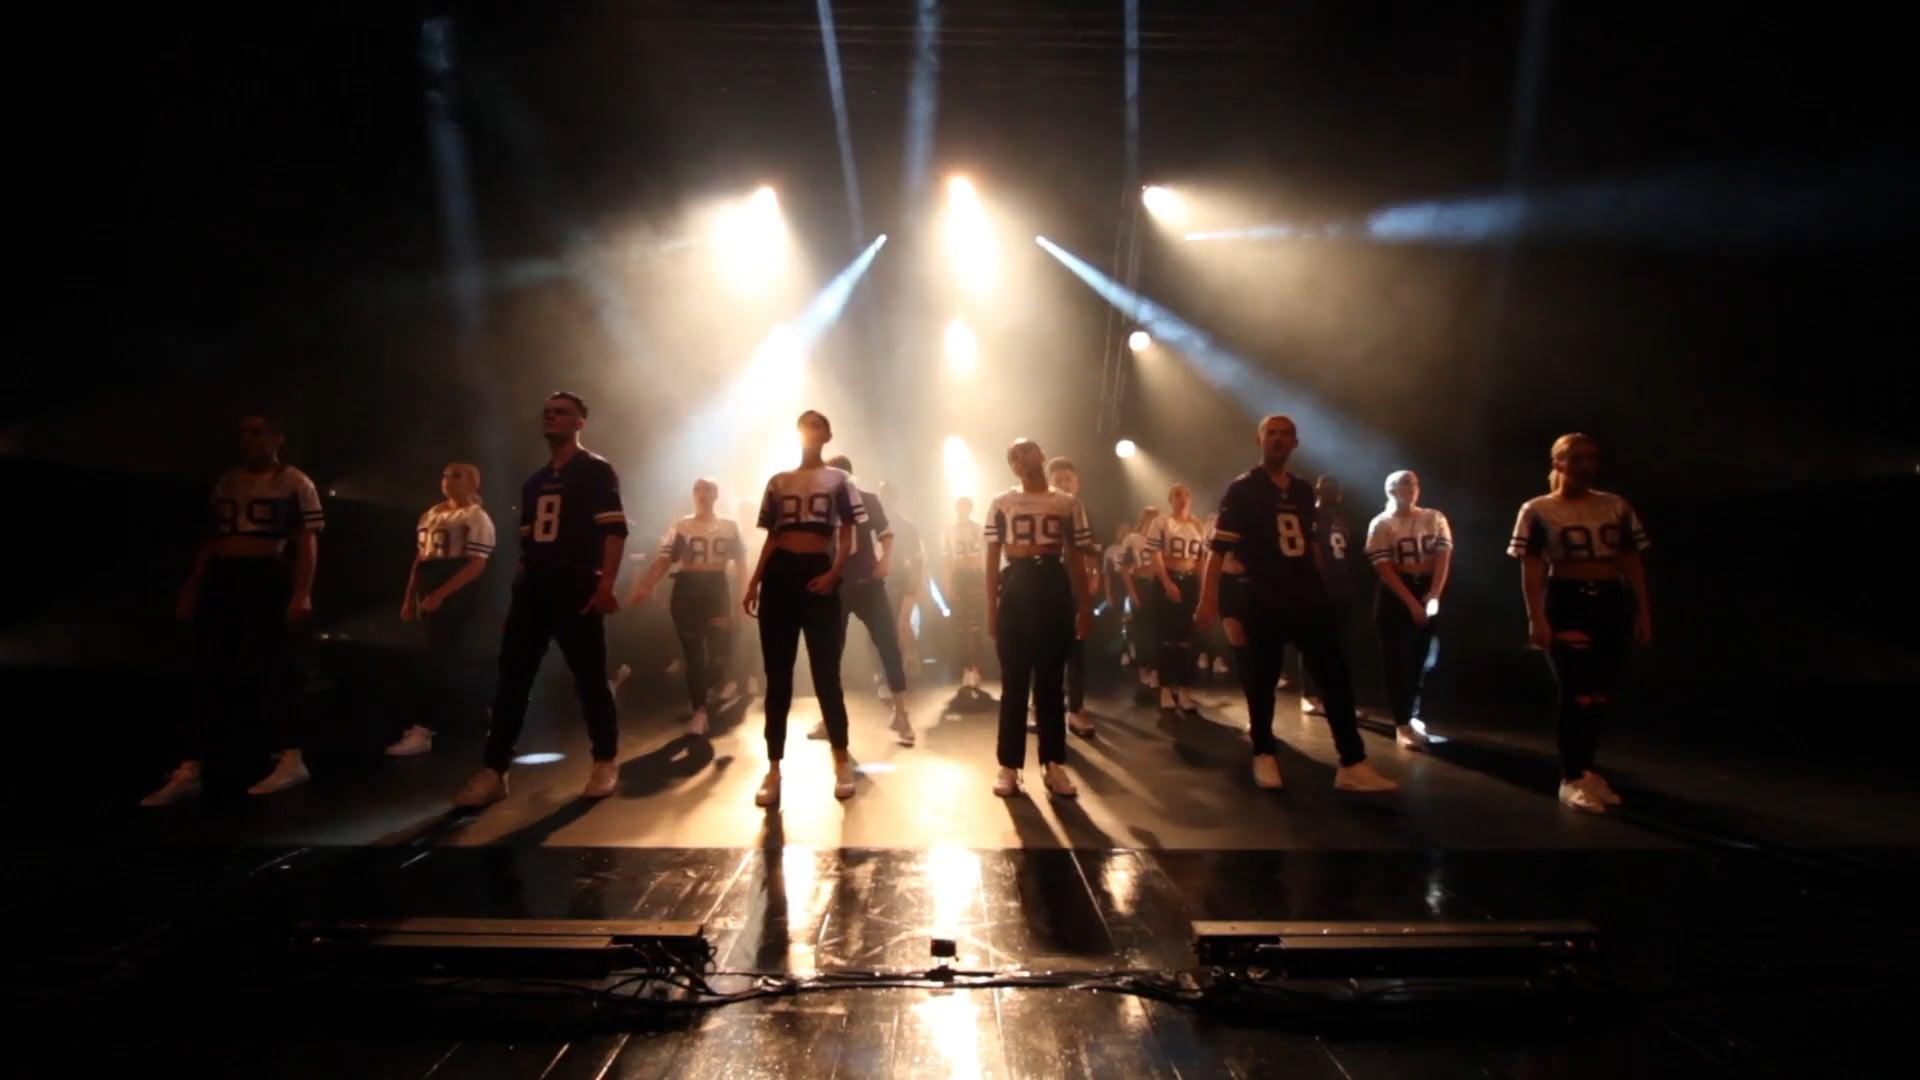 Justin Timberlake Medley | Choreography by Gareth Woodward